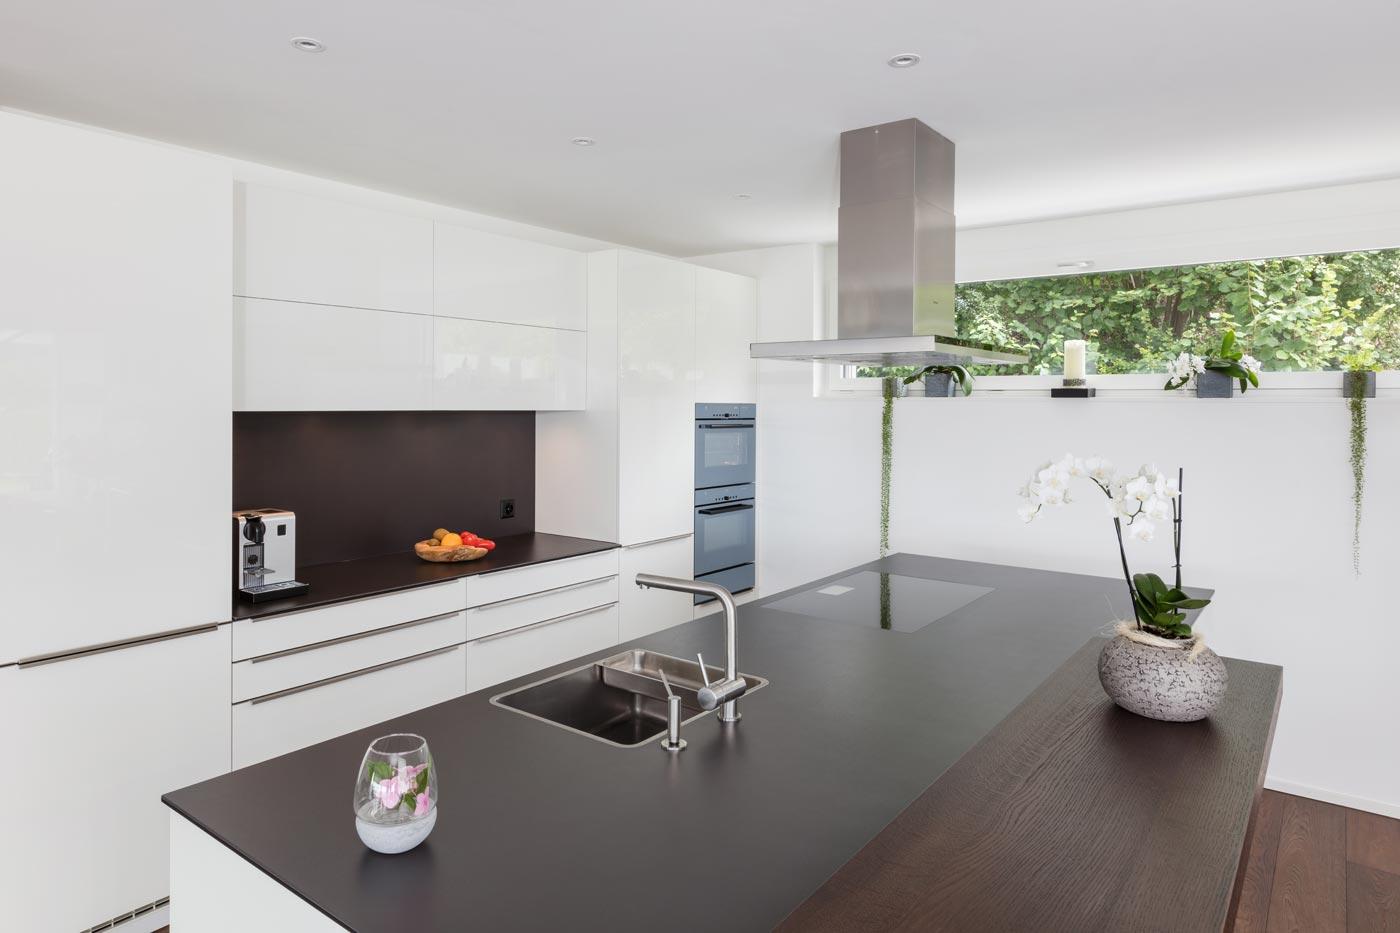 Küche mit grosser Arbeitsfläche